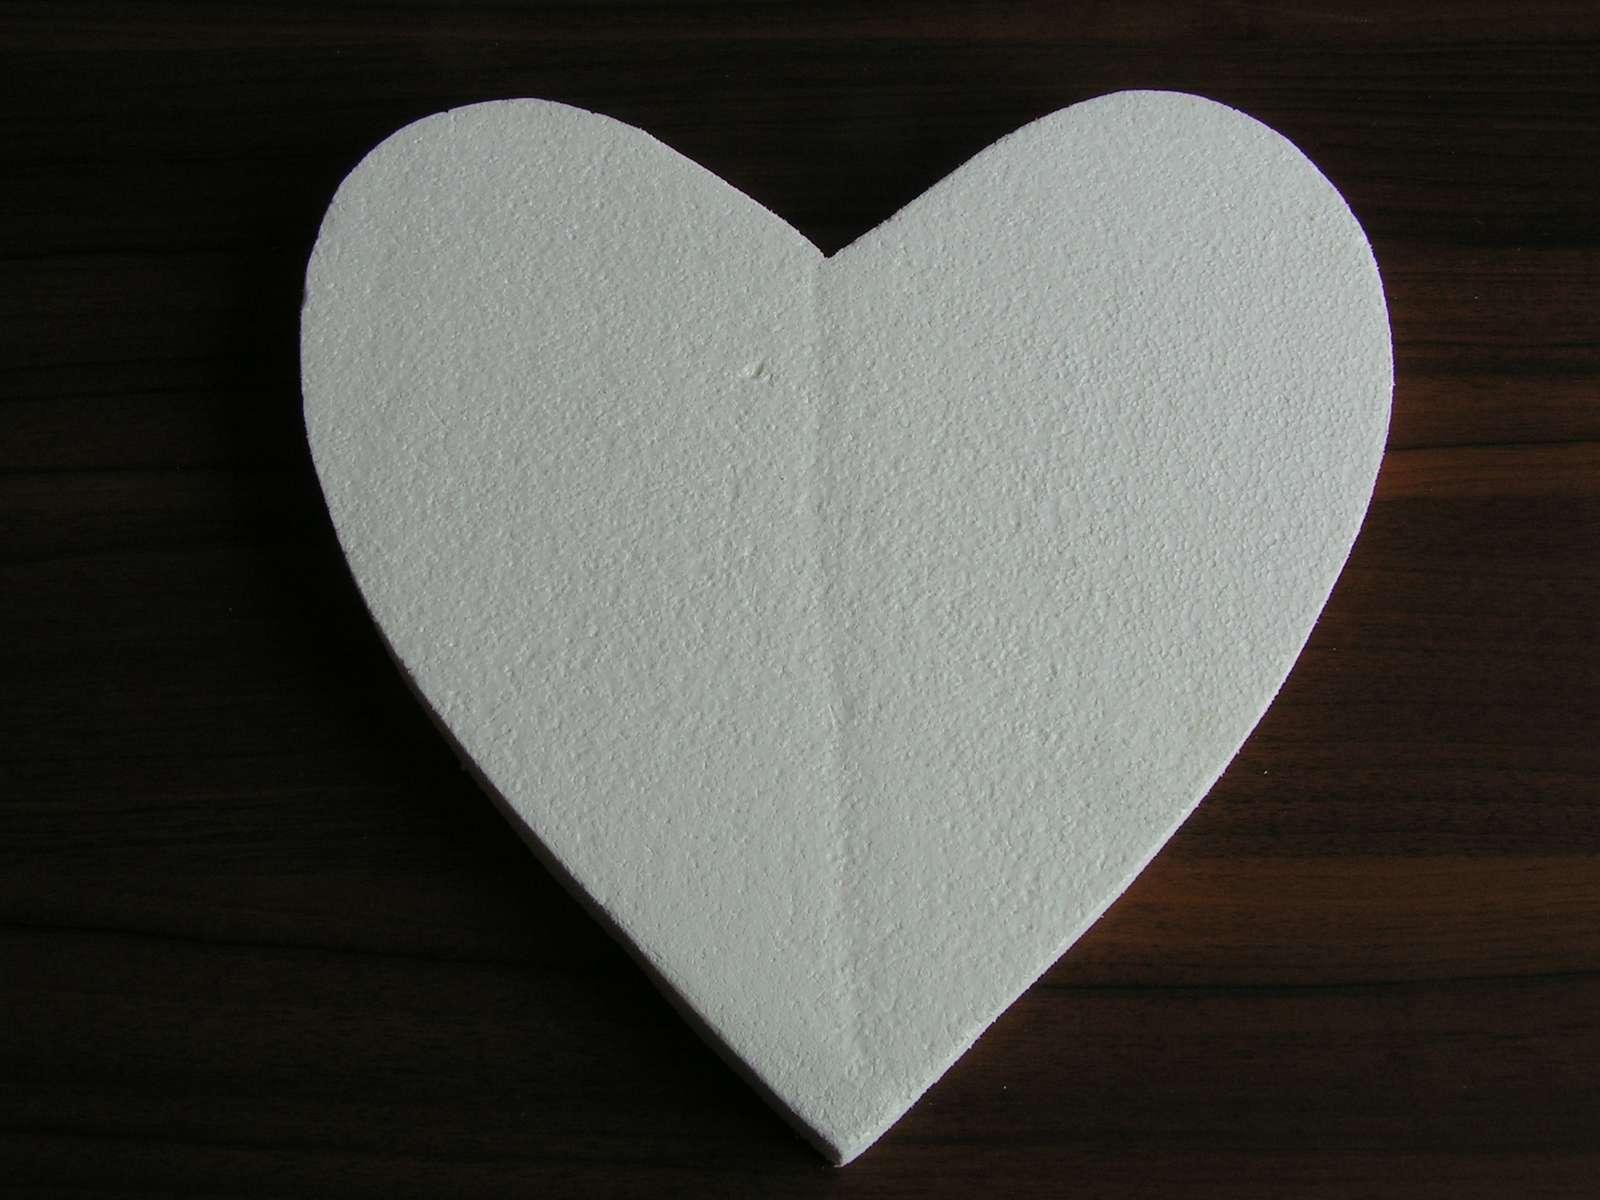 Polystyrenové srdce cca 30 x 30 cm - Obrázek č. 1